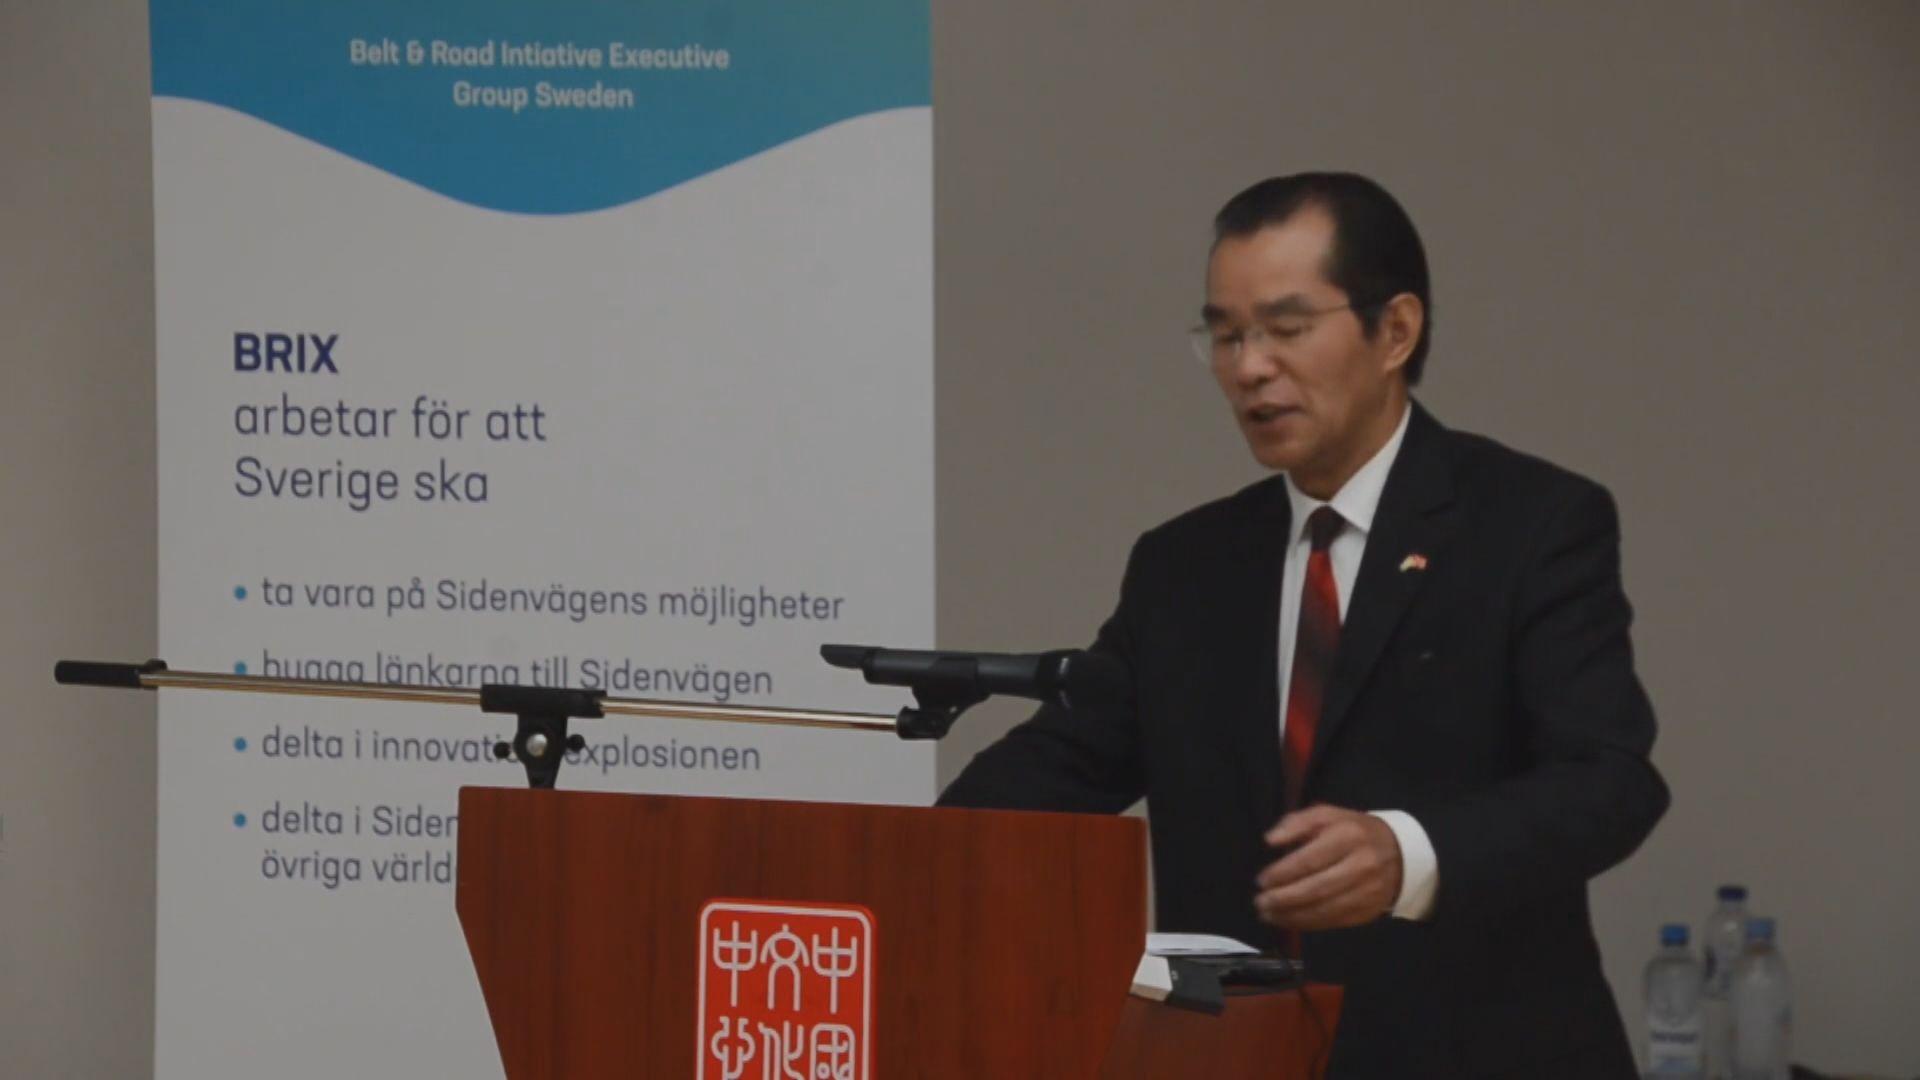 中國駐瑞典大使言論觸發外交風波